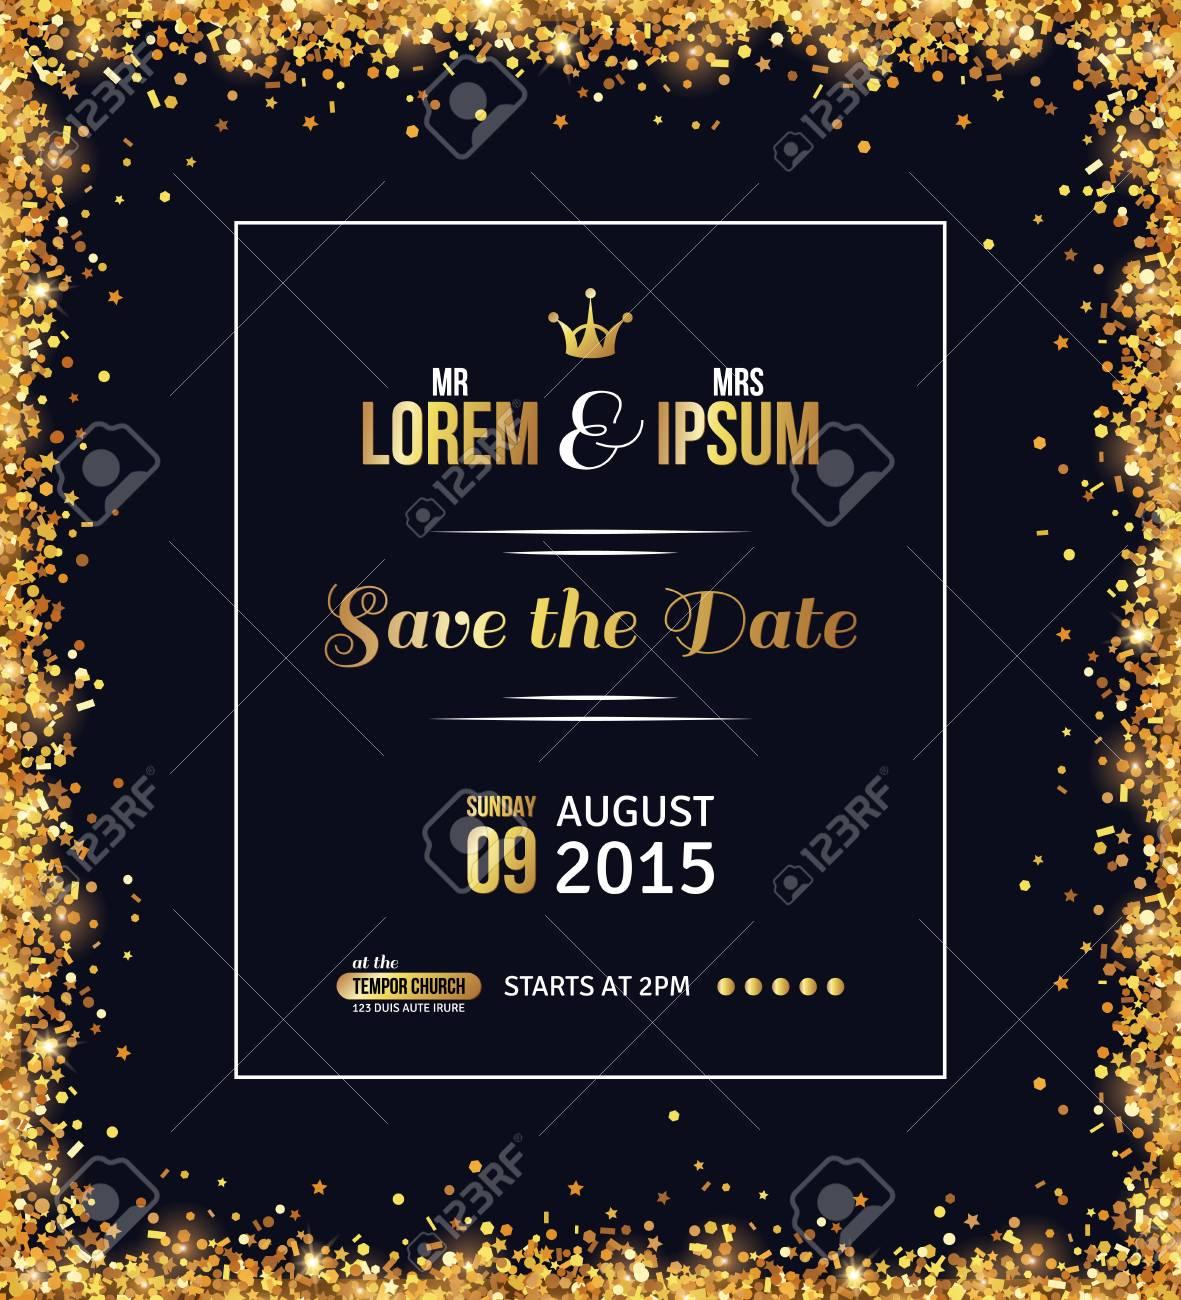 wedding invitation card design gold confetti and black background